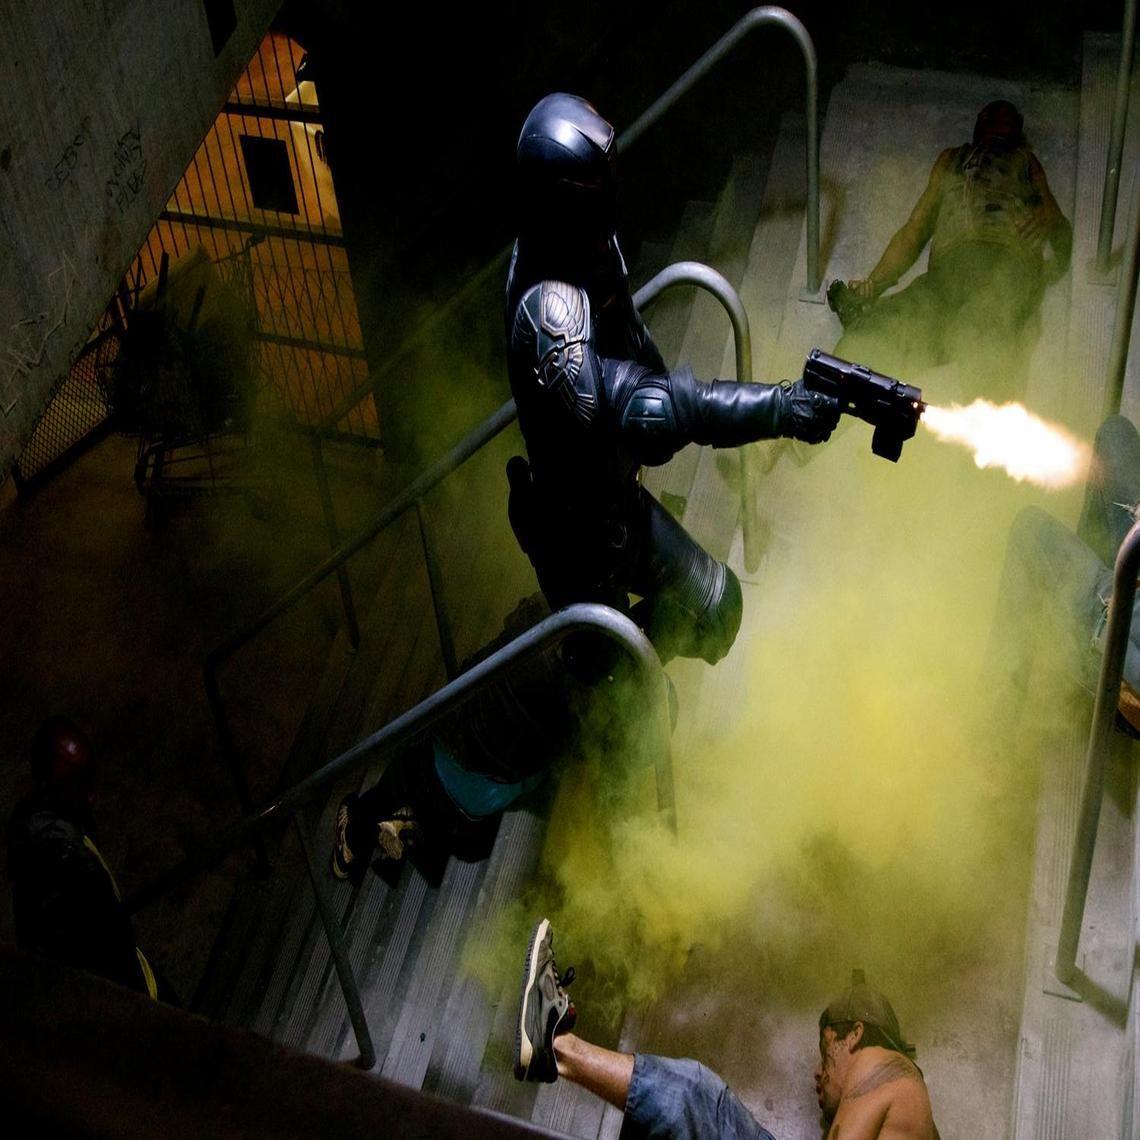 Dredd 2012, Judge Dredd, Looking Film